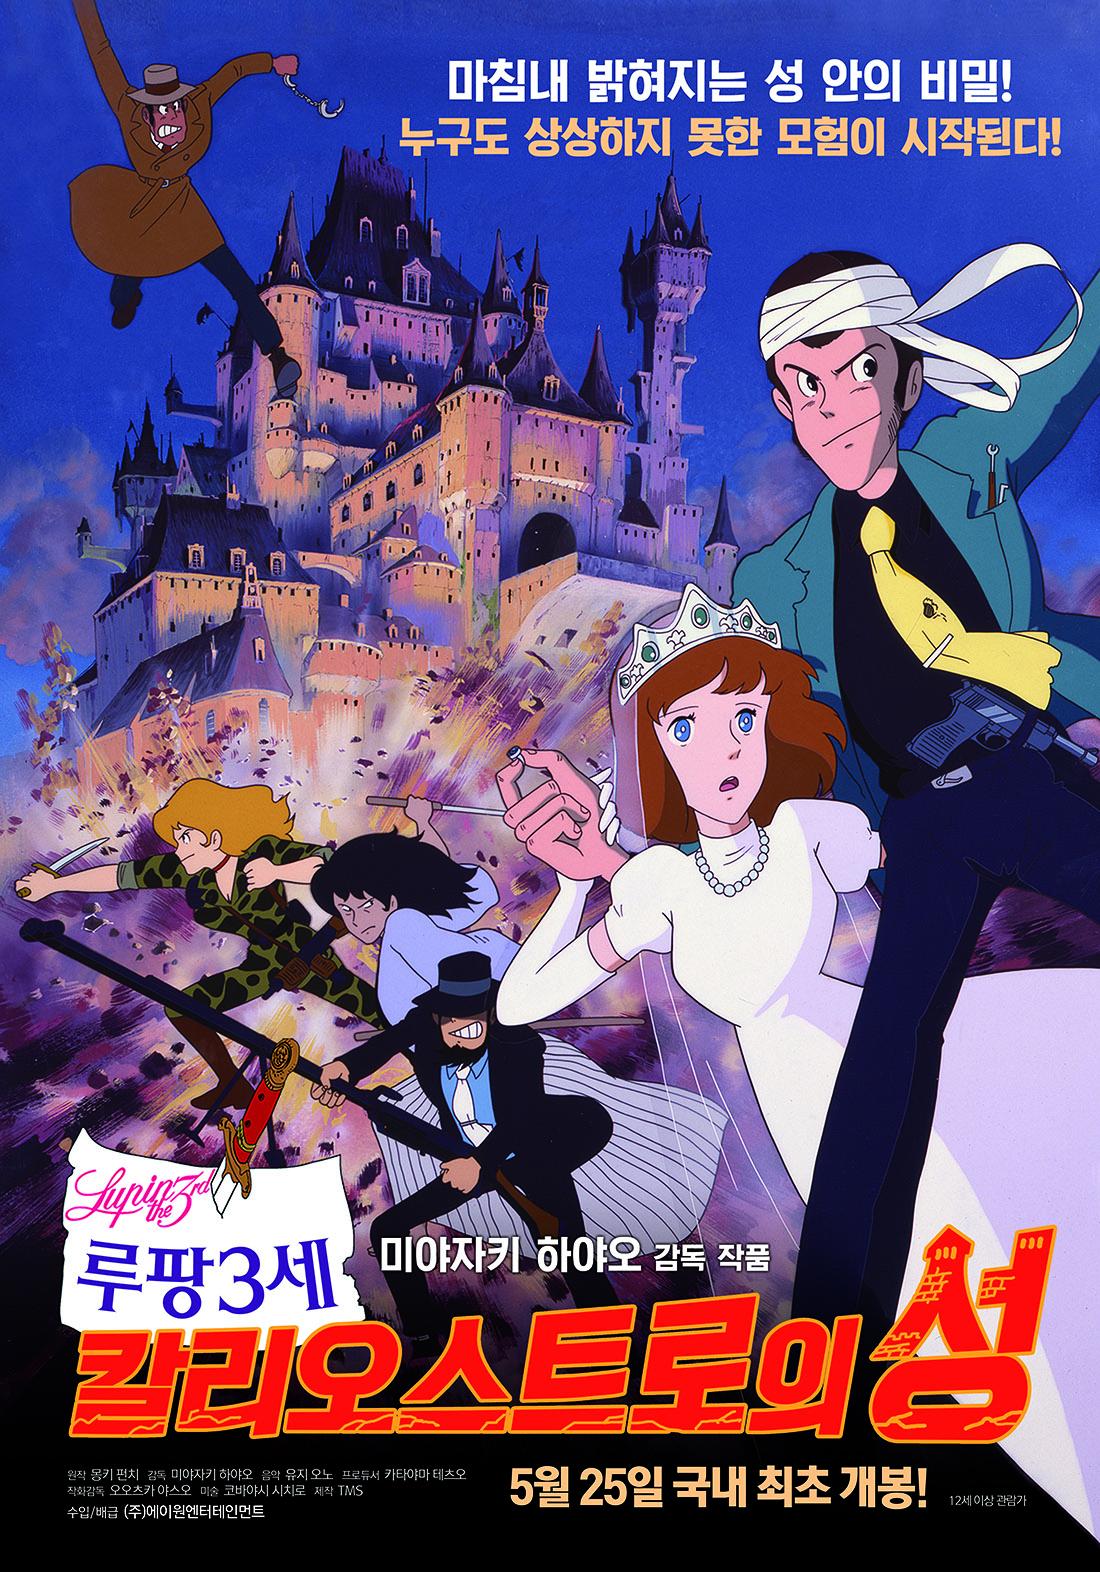 <루팡 3세: 칼리오스트로의 성> 거장 미야자키 하야오의 '첫 장편 애니메이션'